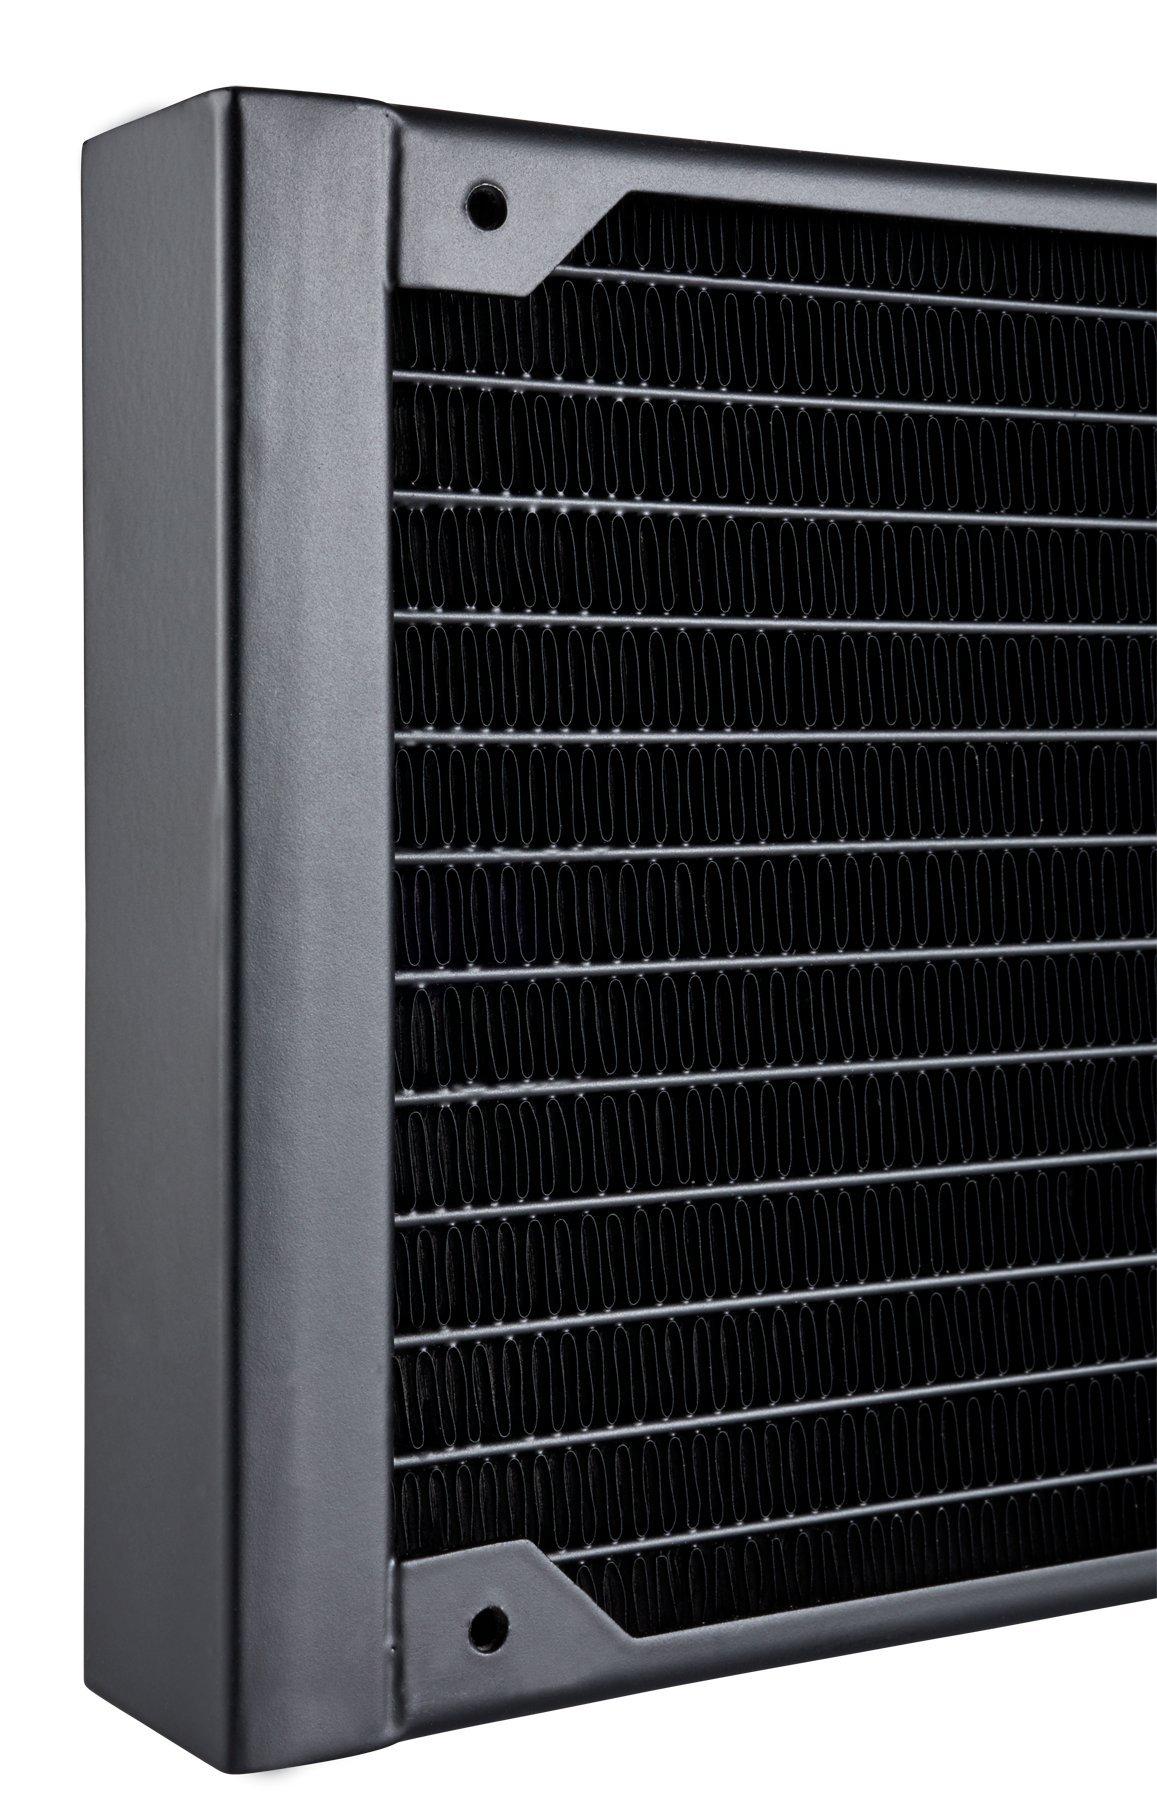 CORSAIR HYDRO Series H100i PRO RGB AIO Liquid CPU Cooler, 240mm, Dual ML120 PWM Fans, Intel 115x/2066, AMD AM4 by Corsair (Image #14)